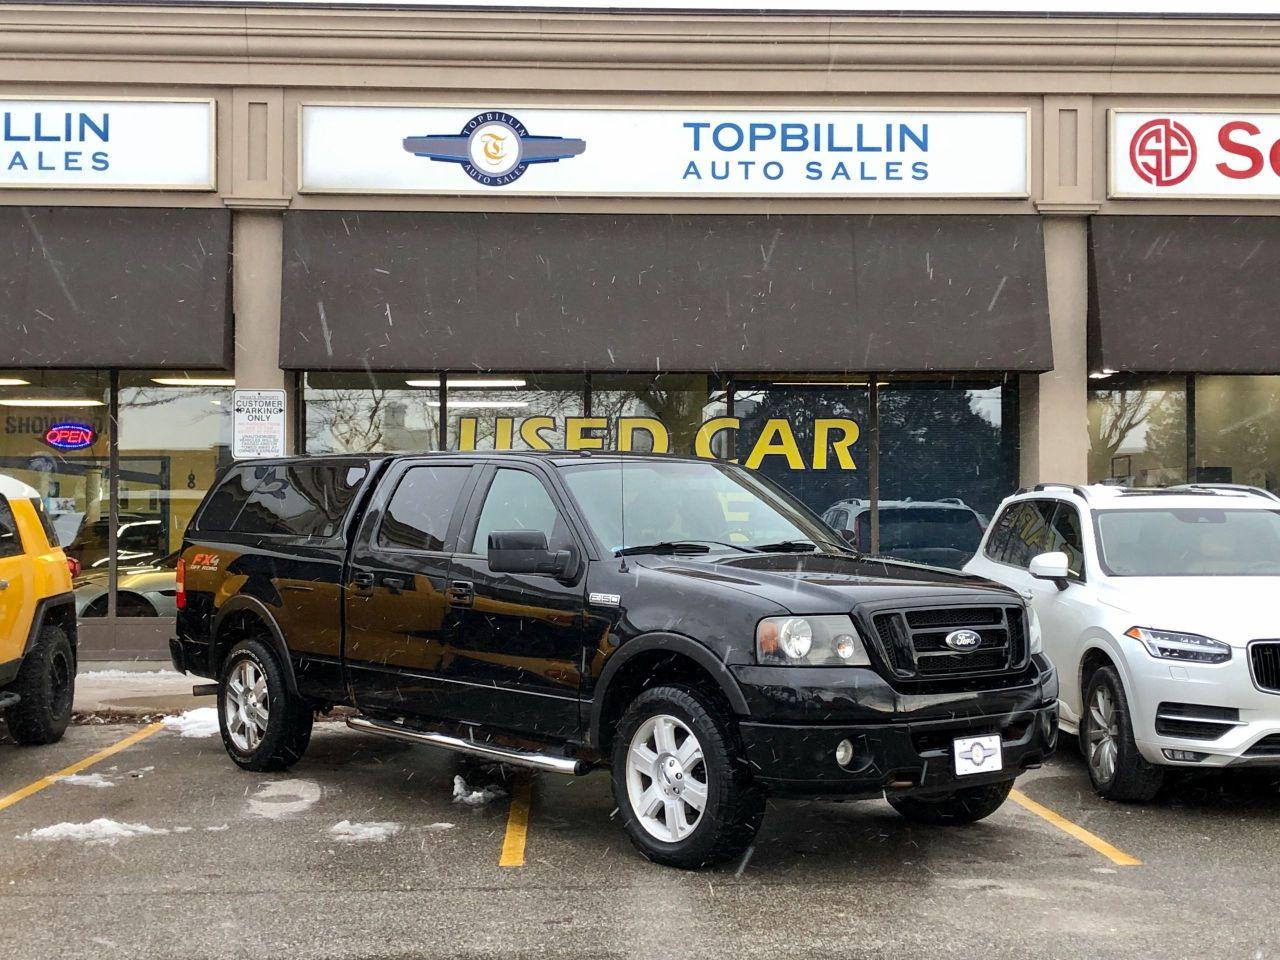 2008 Ford F-150 FX4 CrewCab, 4X4, 5.4L, LEER Cab